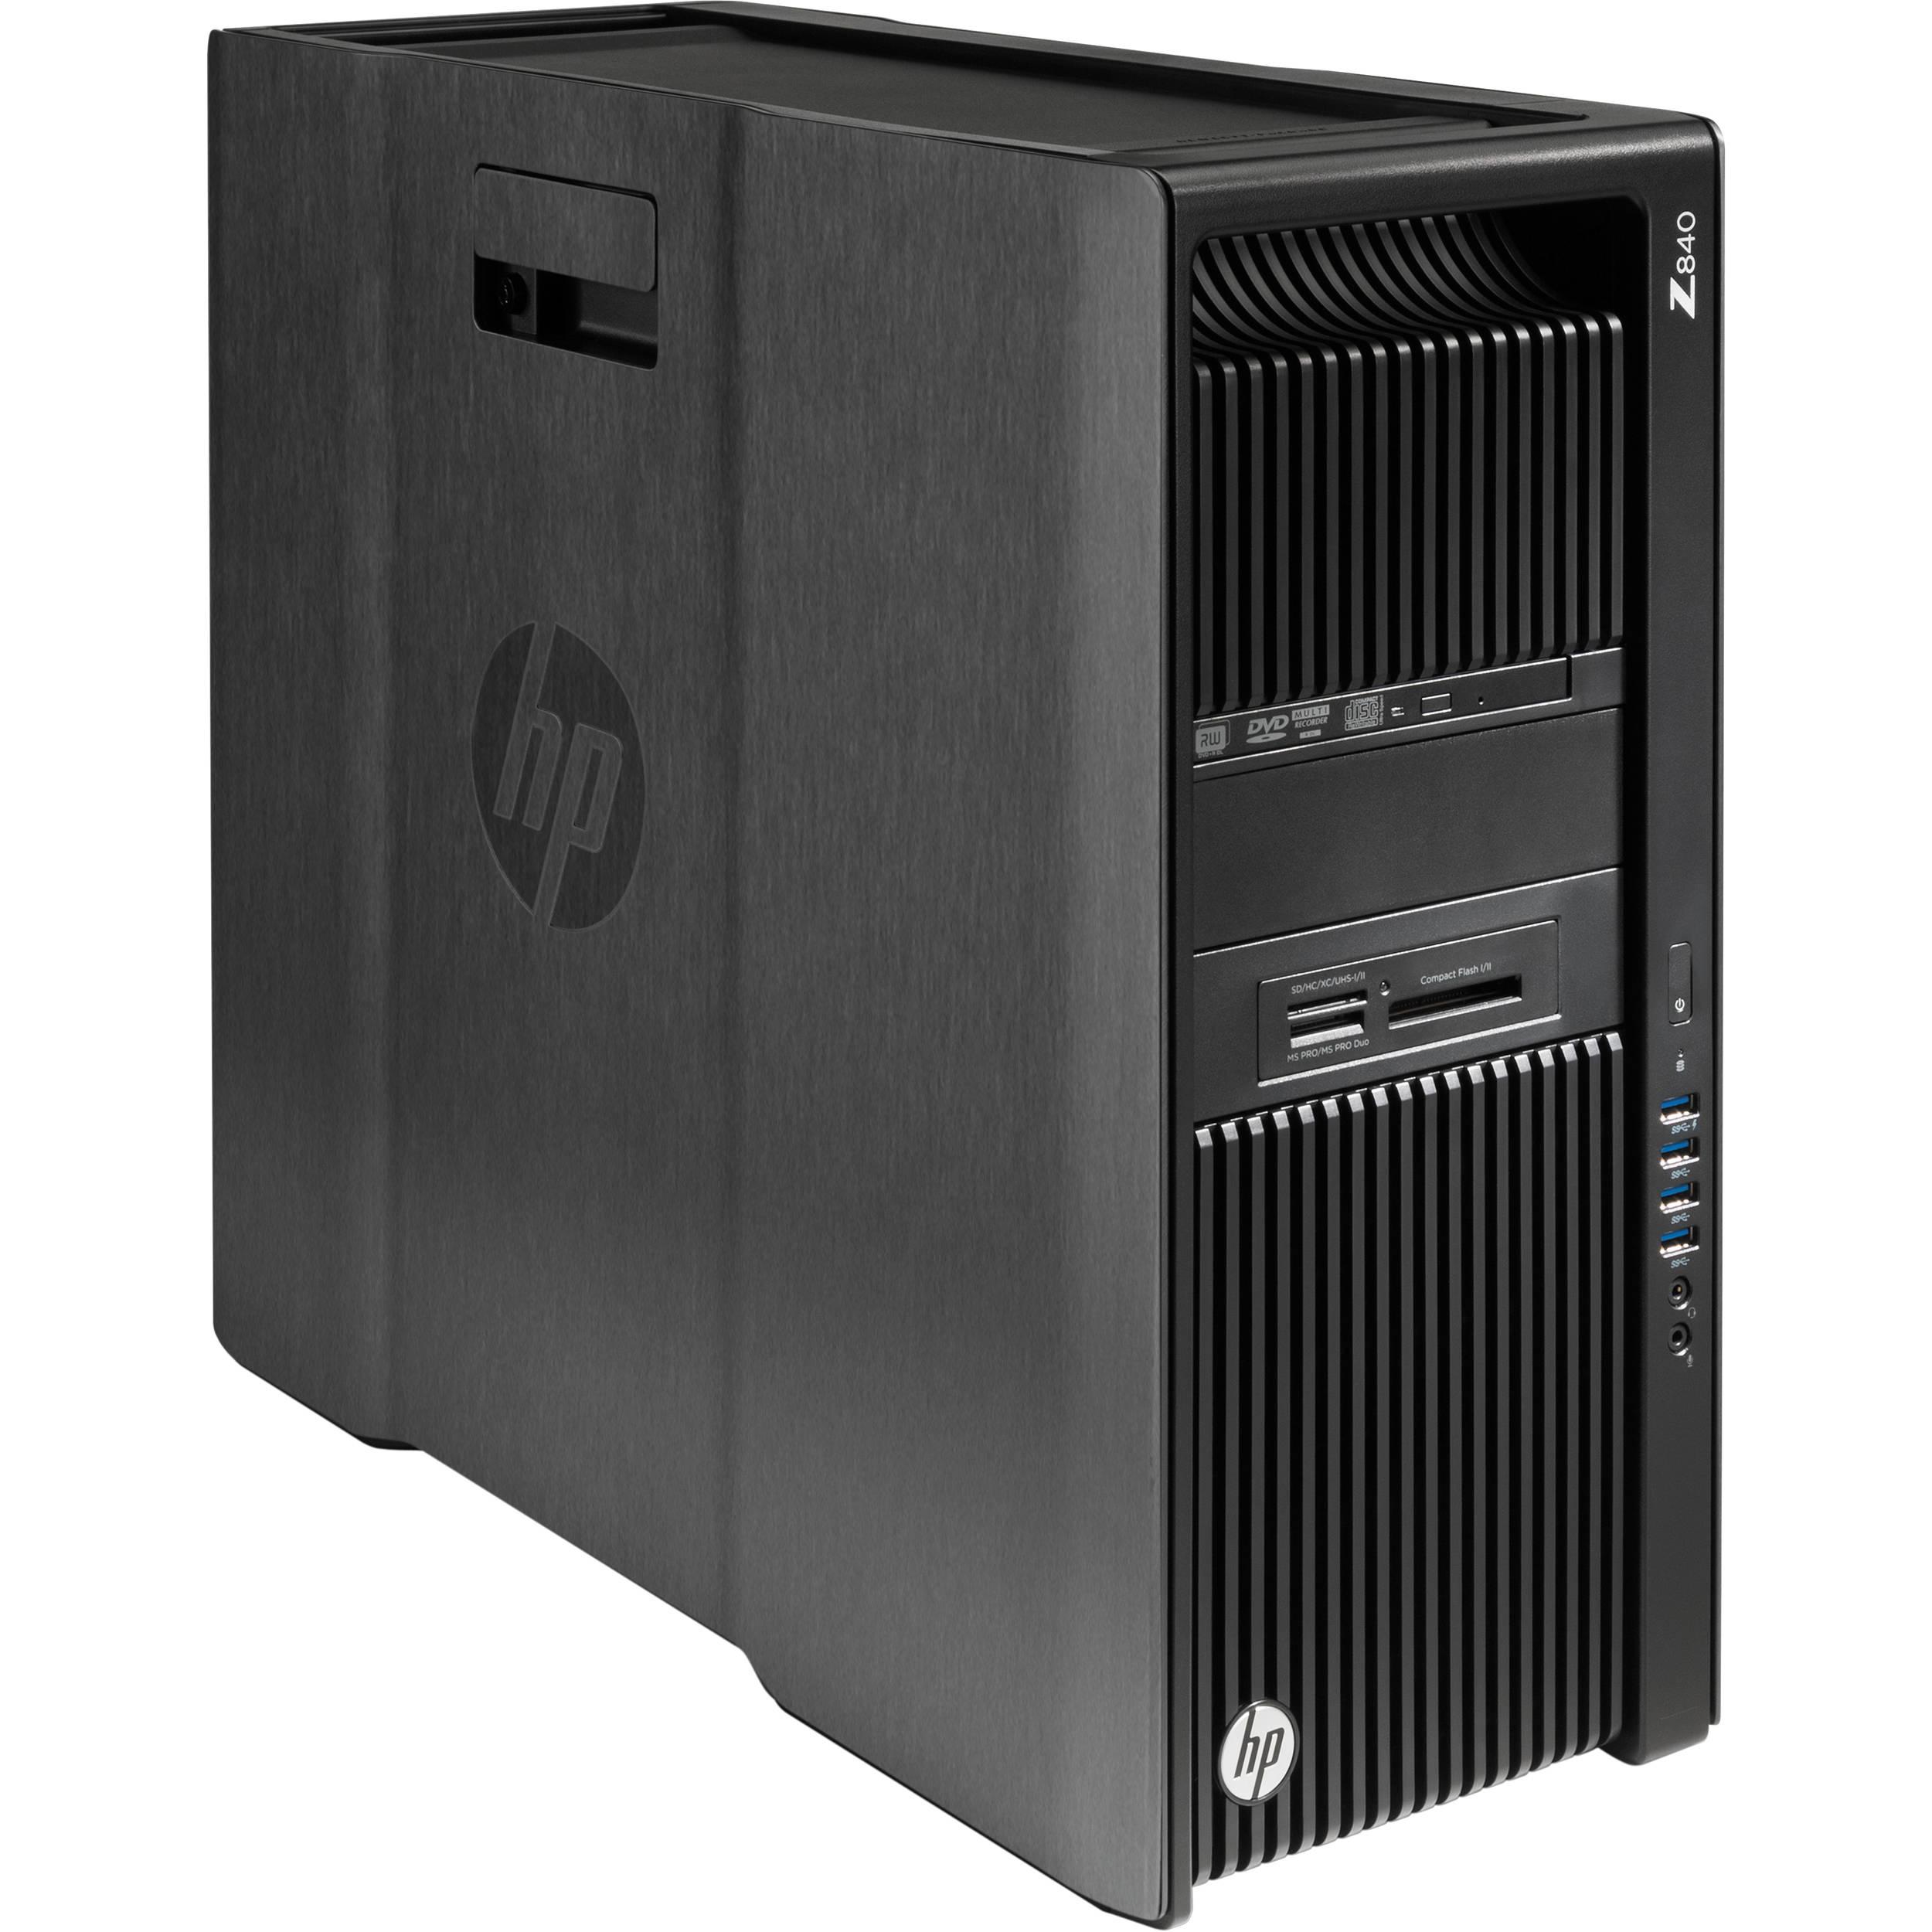 ورک استیشن HP Z840